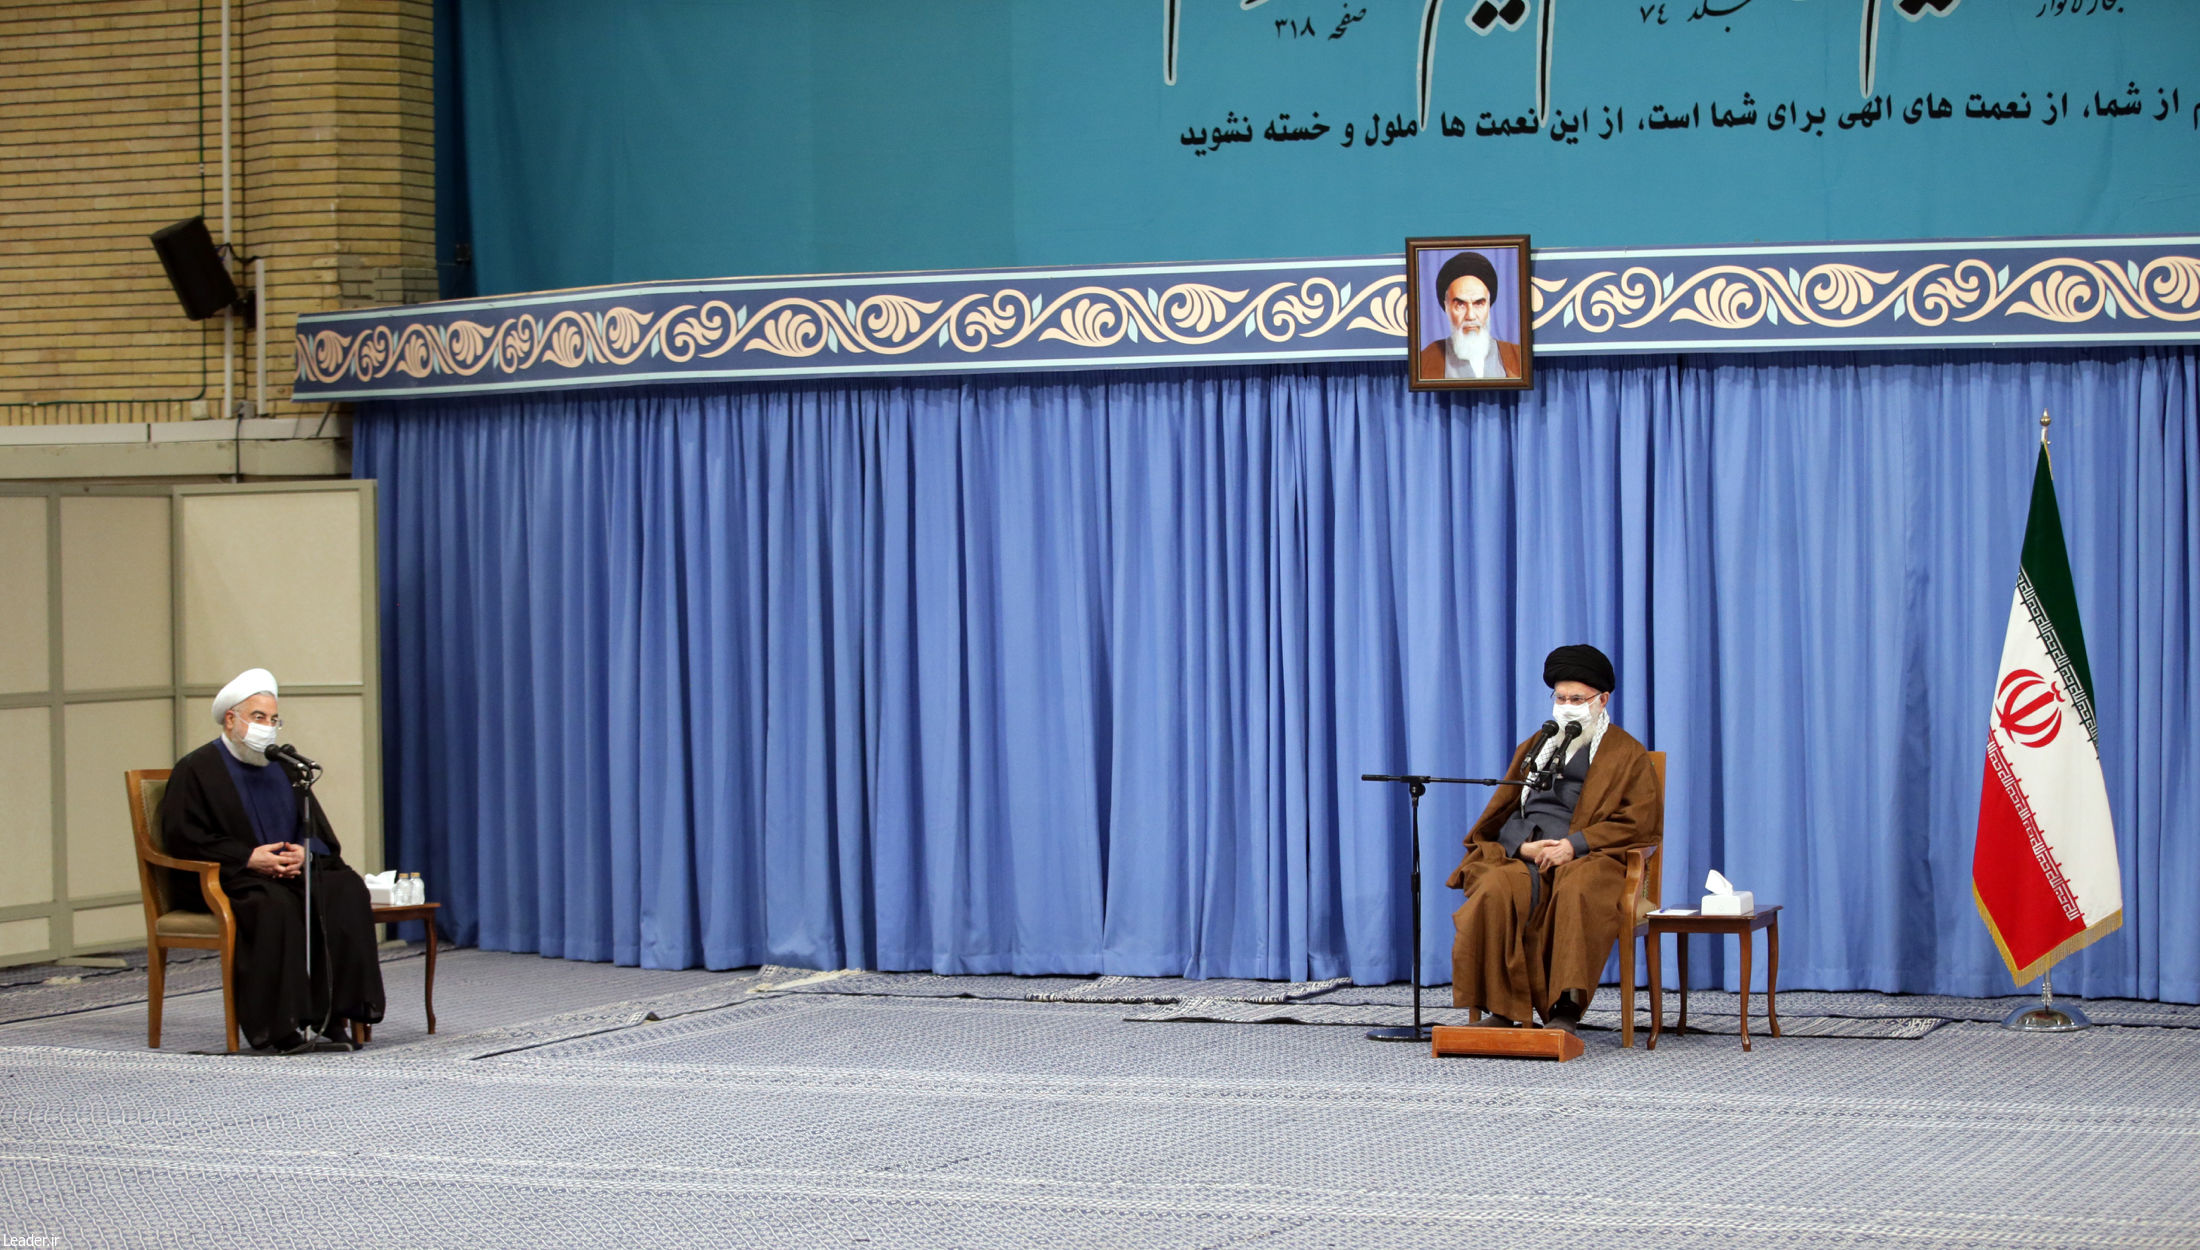 انتقاد شدید رهبر انقلاب از حمله به روحانی؛ انتقاد با هتک حرمت تفاوت دارد| هتک حرمت حرام است